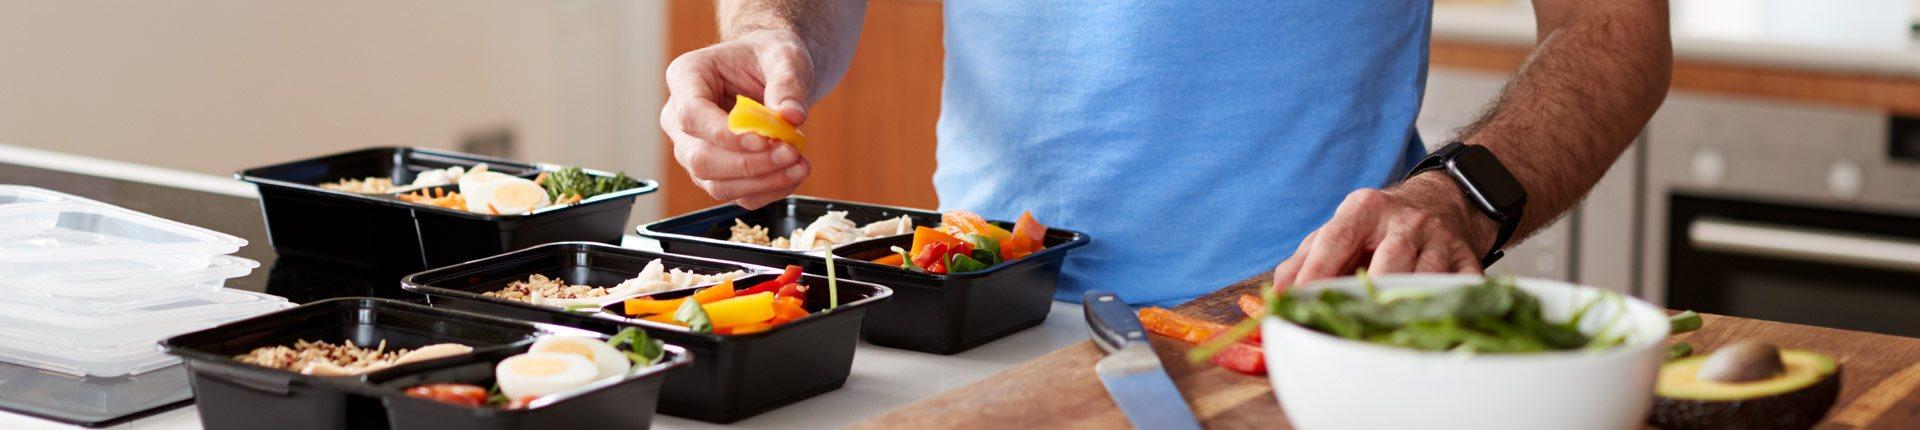 Ile posiłków dziennie powinna zawierać dieta?